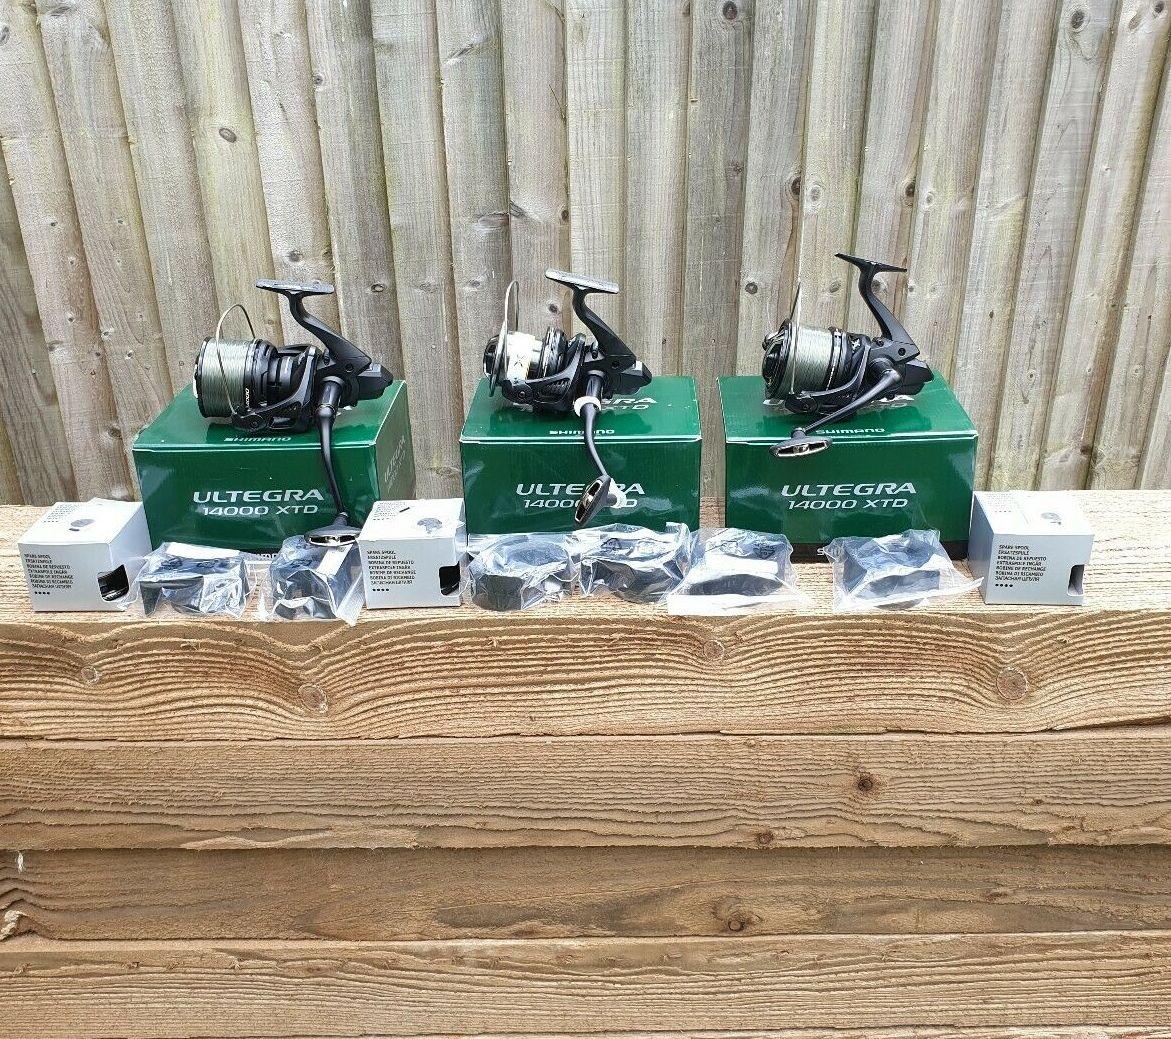 Ad - 3x Shimano Ultegra 14000 XTD big pit reels On eBay here -->> https://t.co/bJXJiqzjUd  #ca